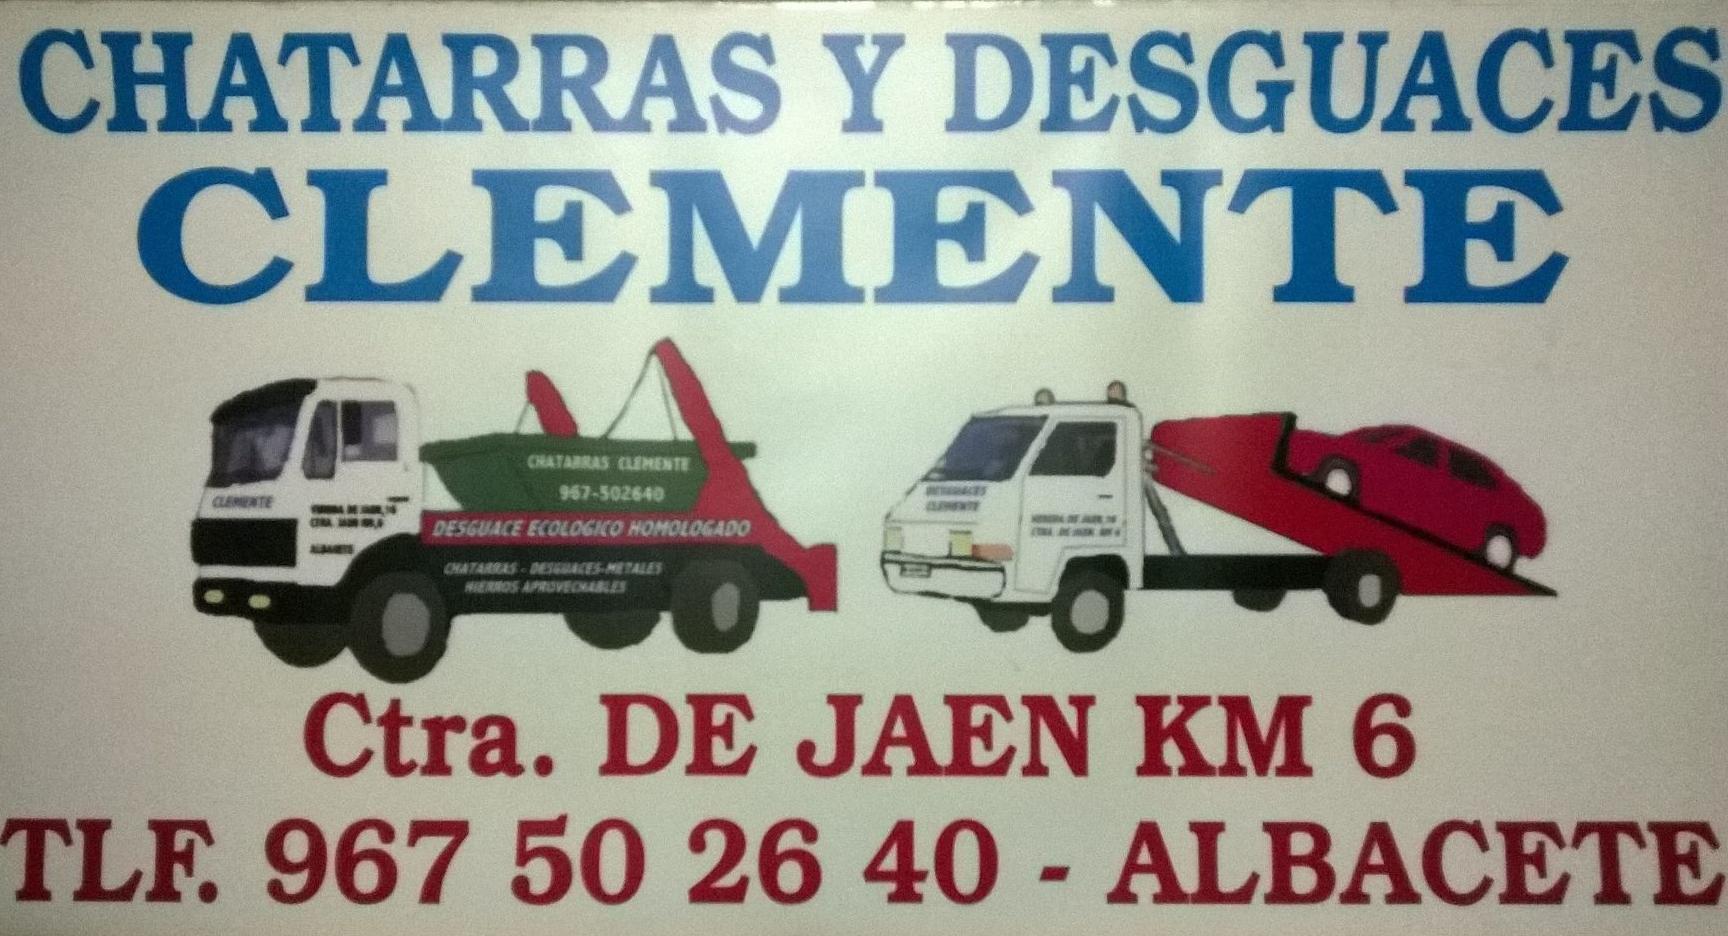 Logotipo desguaces clemente de Albacete